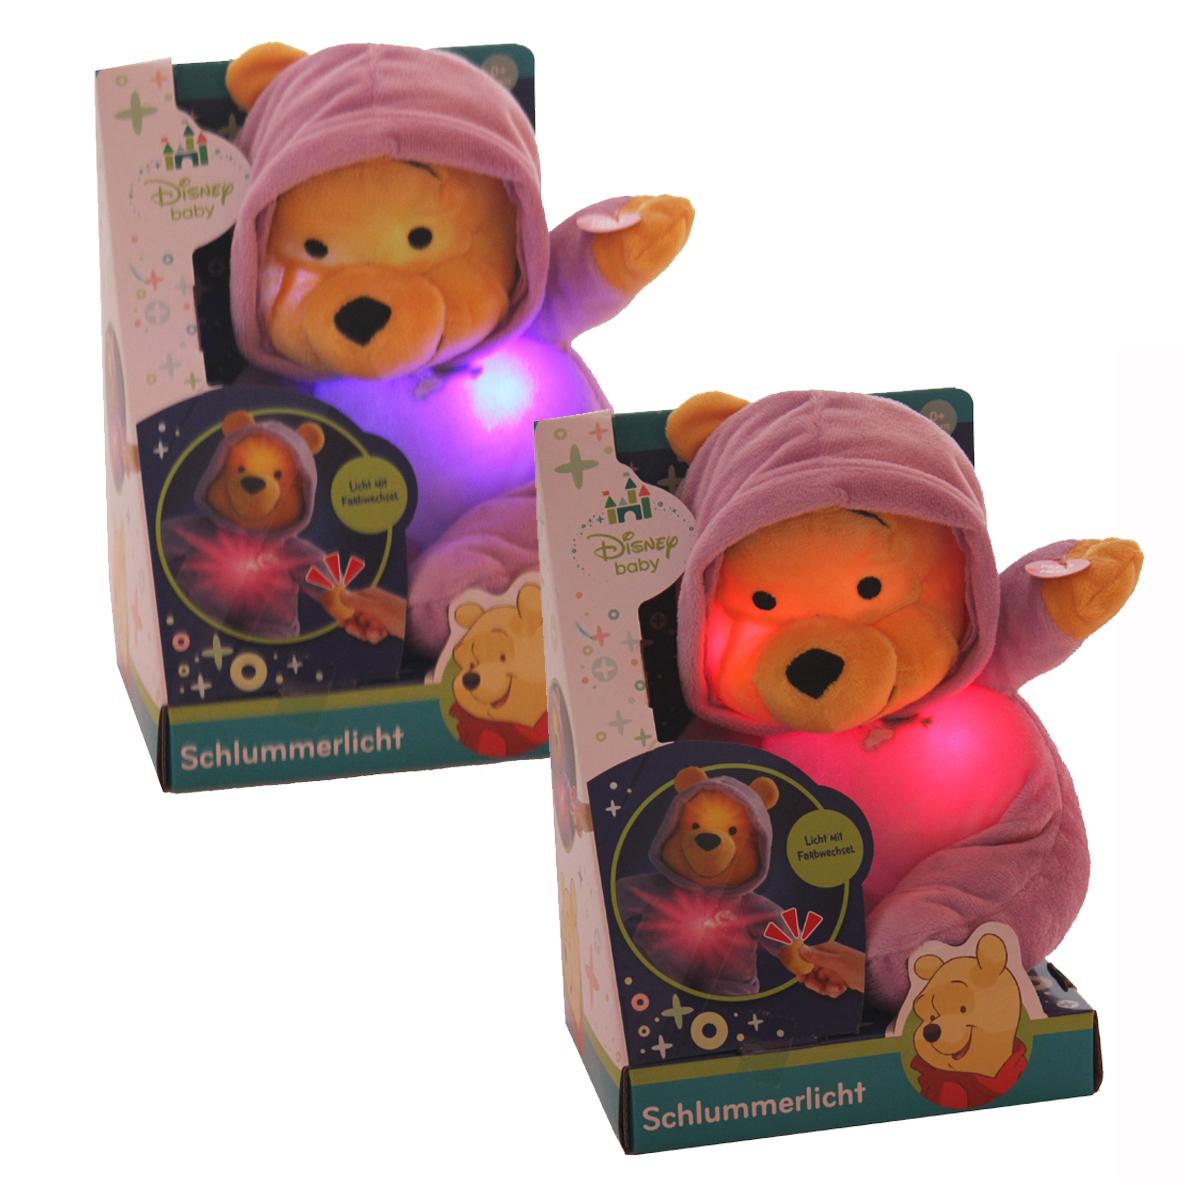 Simba 6315870962 Disney Baby Winnie the Pooh Schlummerlicht 30 cm ...